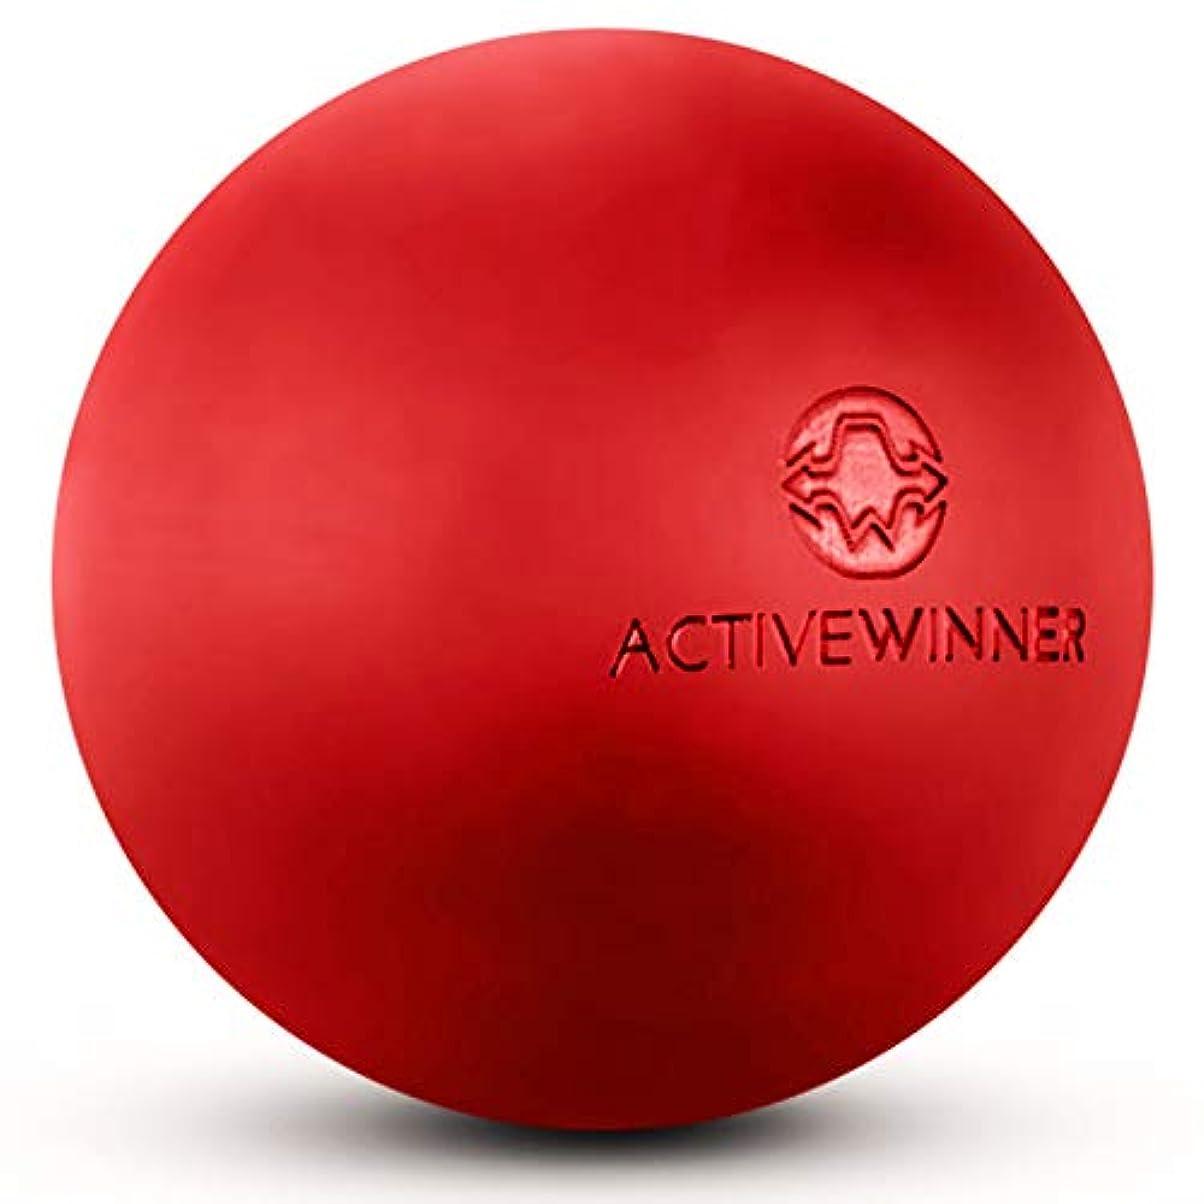 ヒューズフローティング差別化するActive Winner マッサージボール トリガーポイント (レッド) ストレッチボール 筋膜リリース トレーニング 背中 肩こり 腰 ふくらはぎ 足 ツボ押し